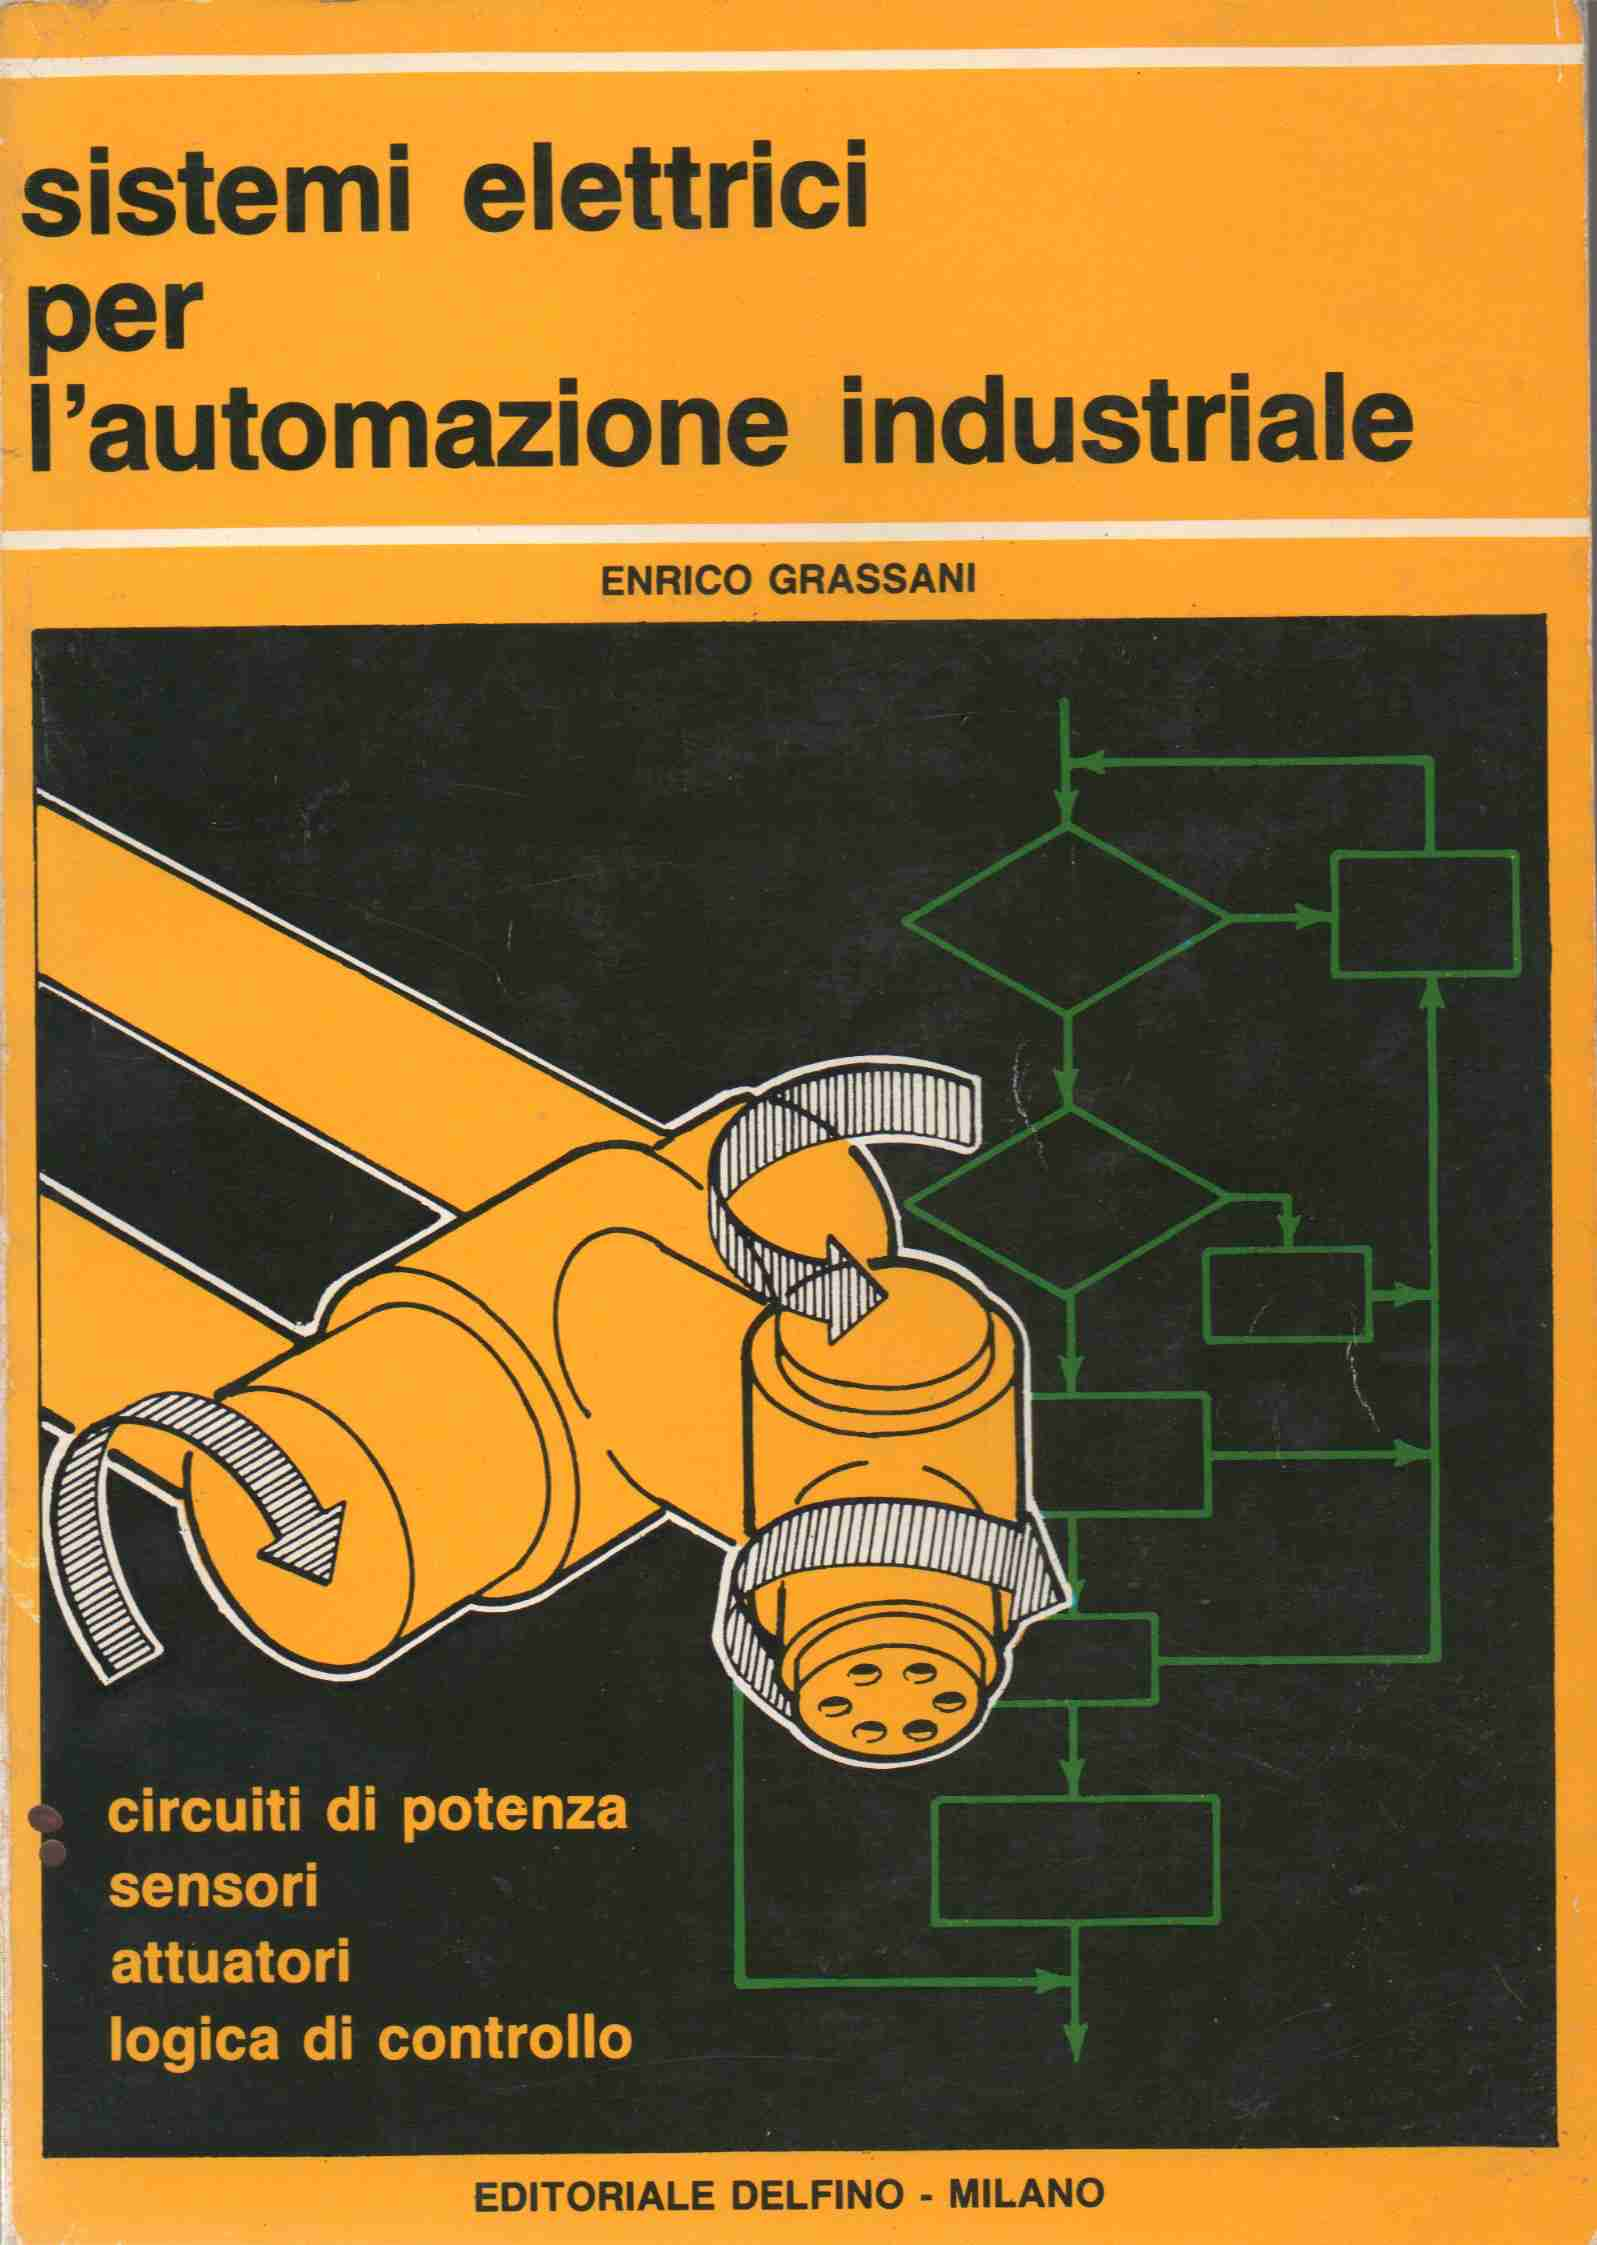 Sistemi elettrici per l'automazione industriale